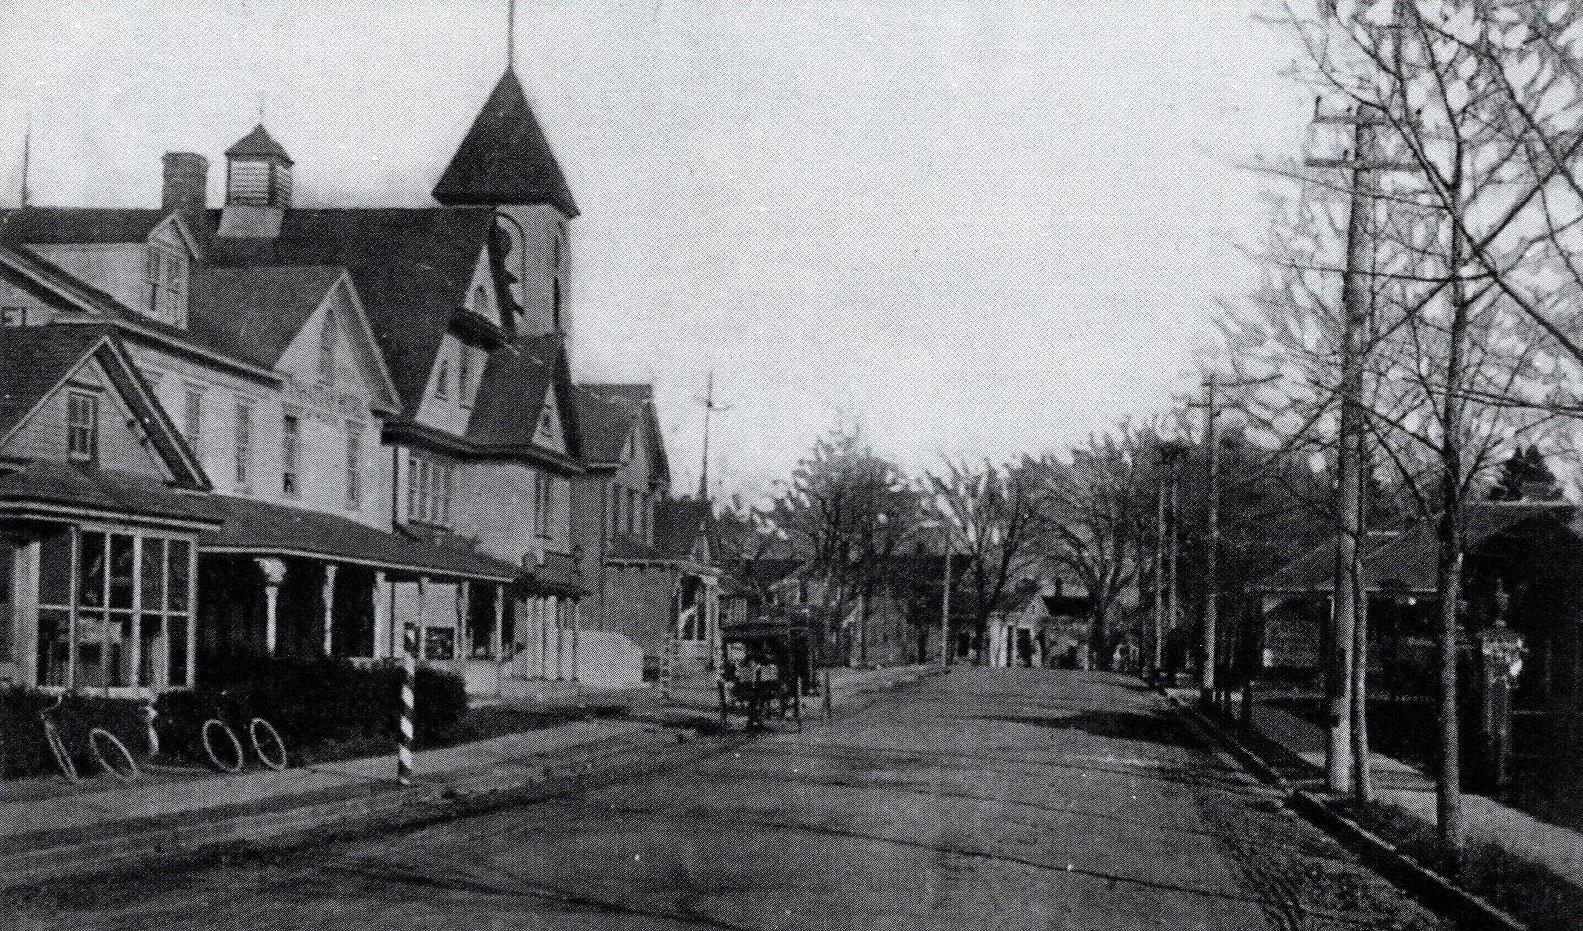 Bayport Village